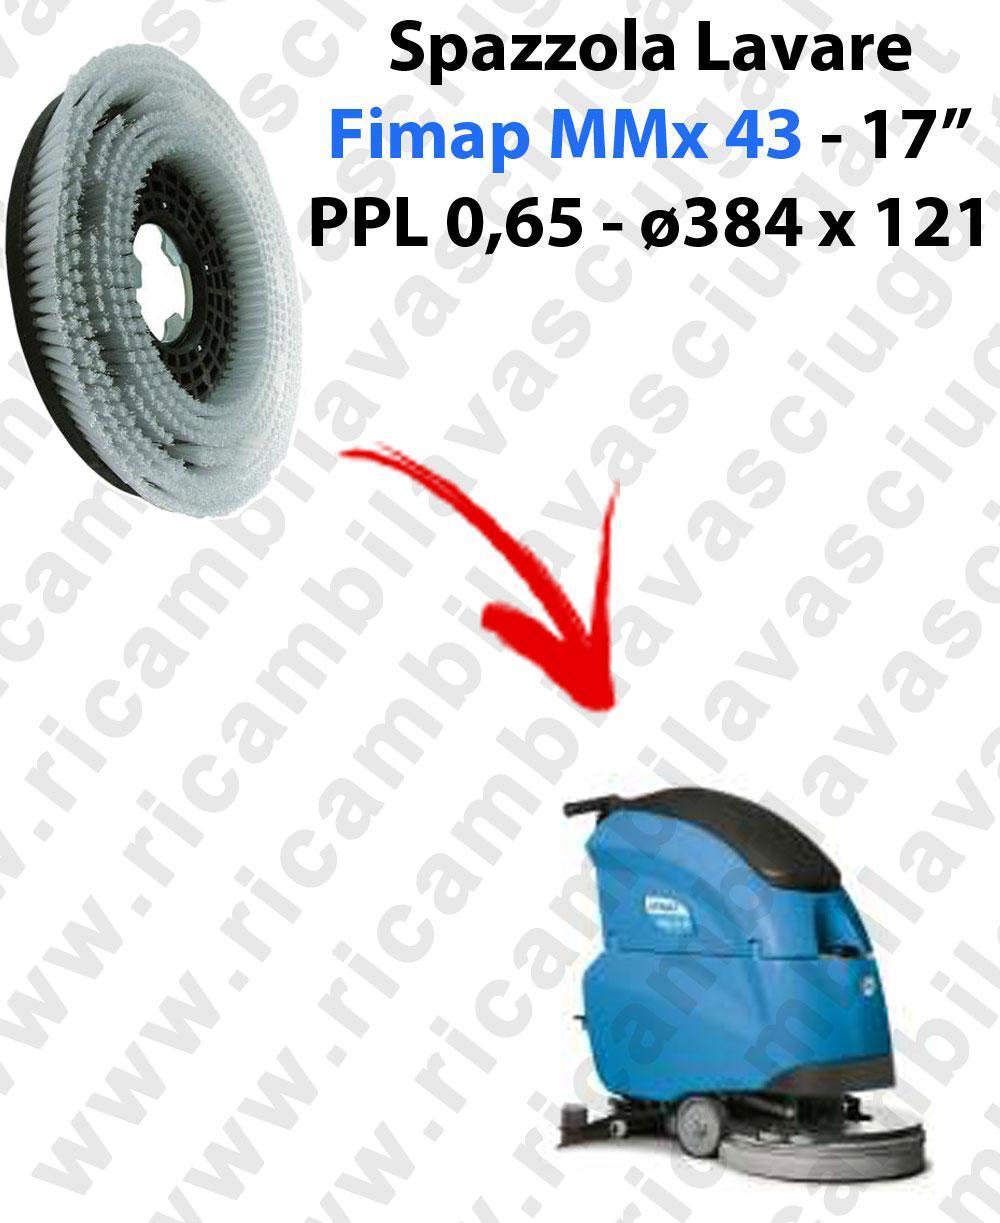 CEPILLO DE LAVADO  para fregadora FIMAP MMX43. modelo: PPL 0,65  ø384 X 121